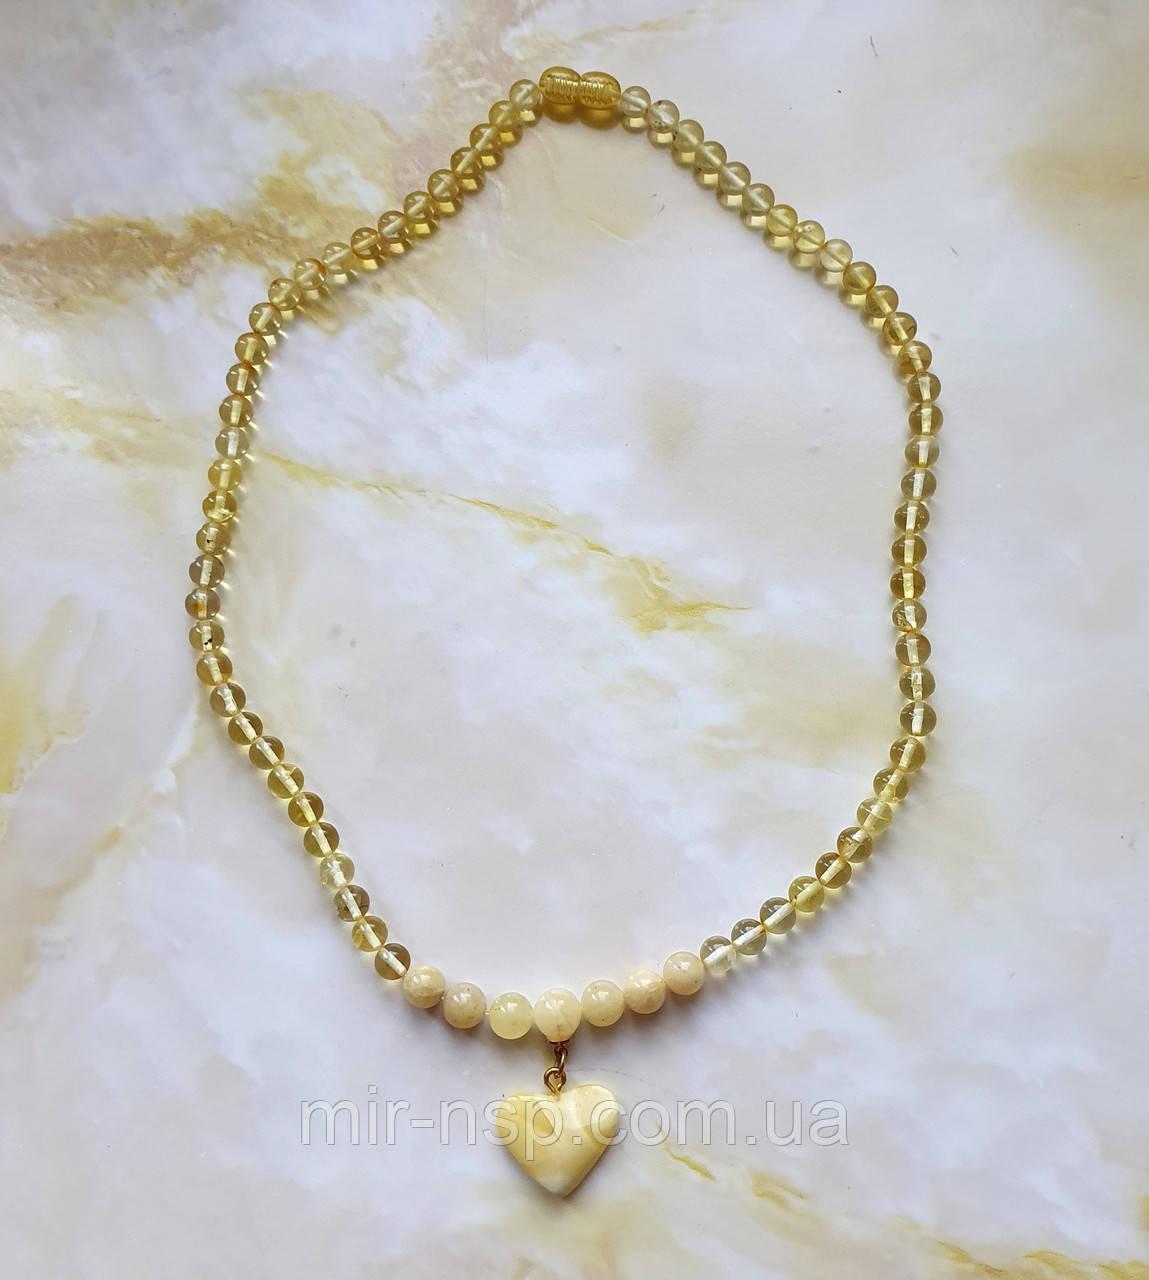 Ожерелье бусы с кулоном Сердечко 100% натуральный янтарь (не пресс, не плавка) шар 6-9 мм вес 12г